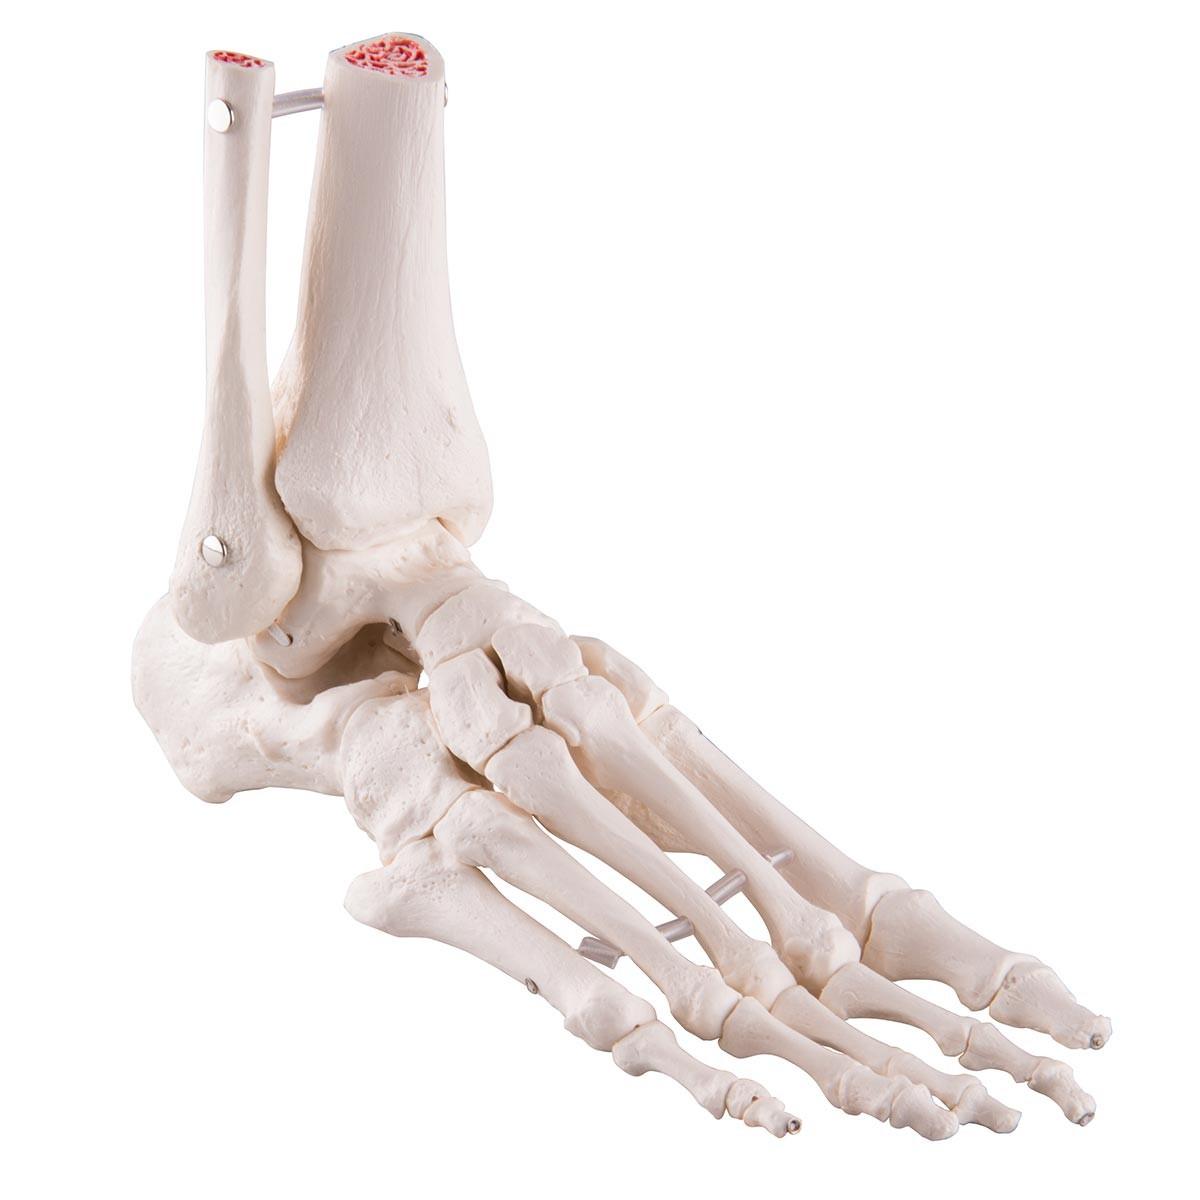 Fußskelett mit Schienbein- und Wadenbeinstumpf, elastisch montiert